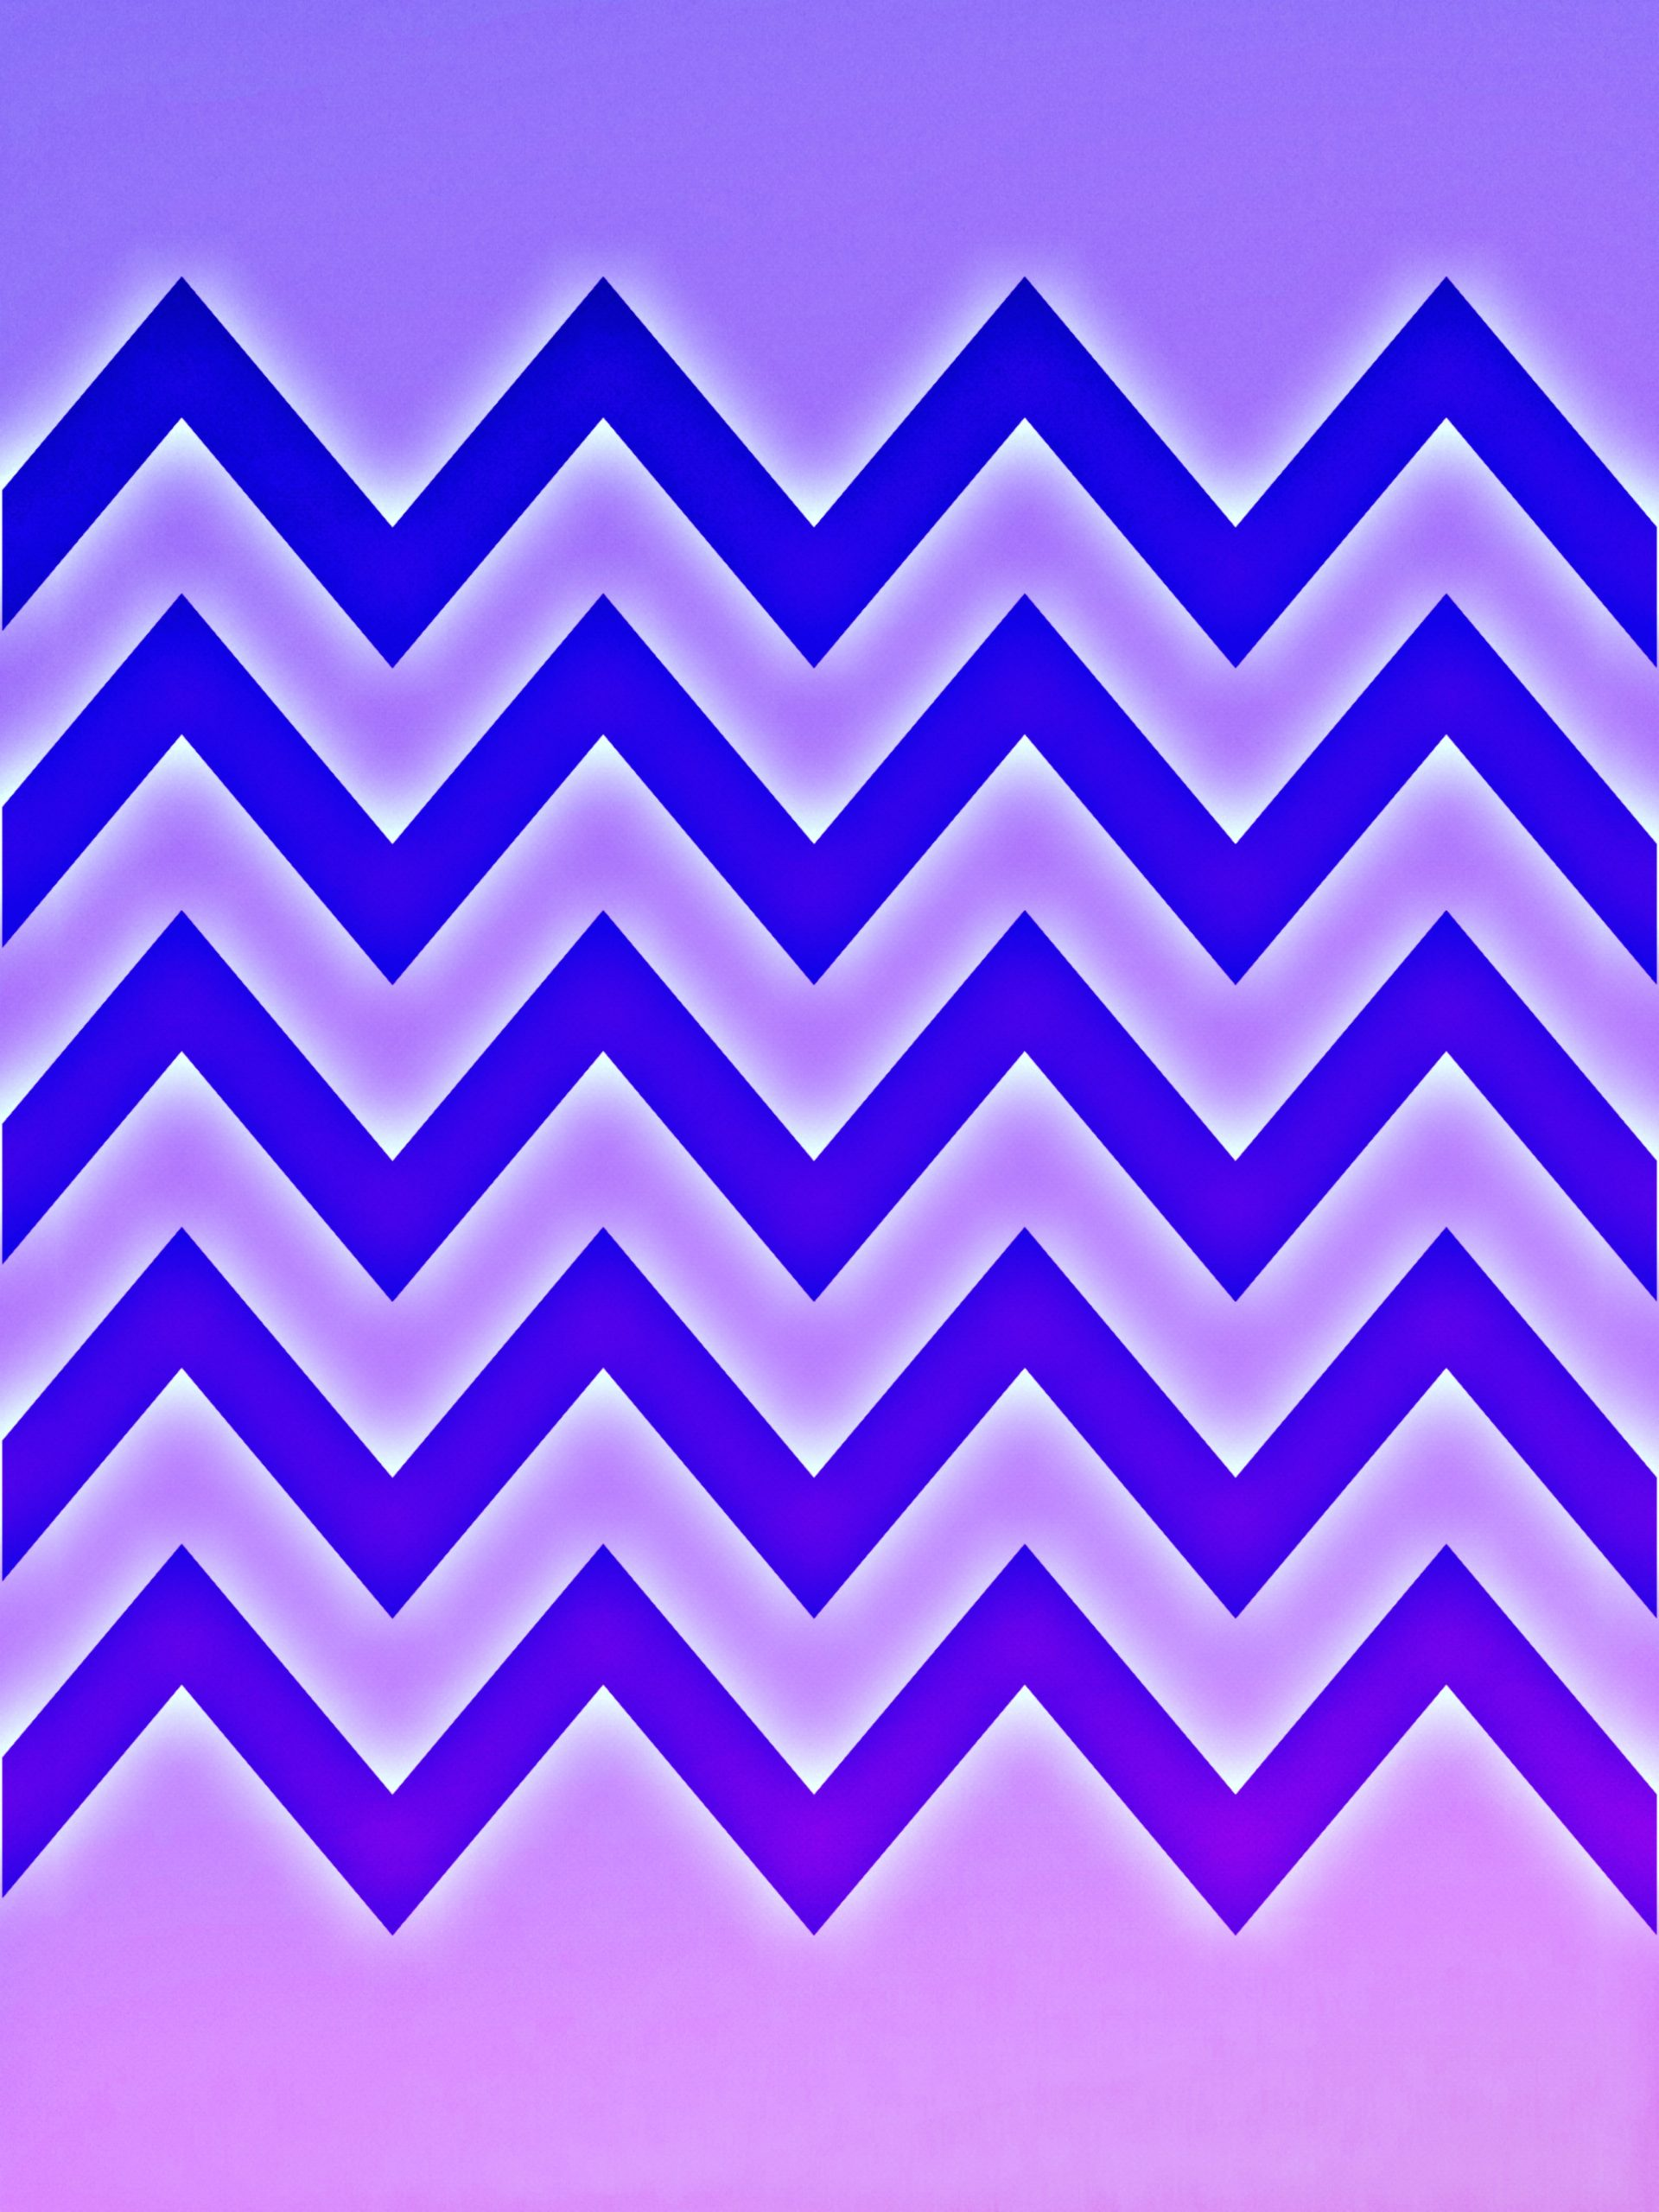 Wave lines illustration